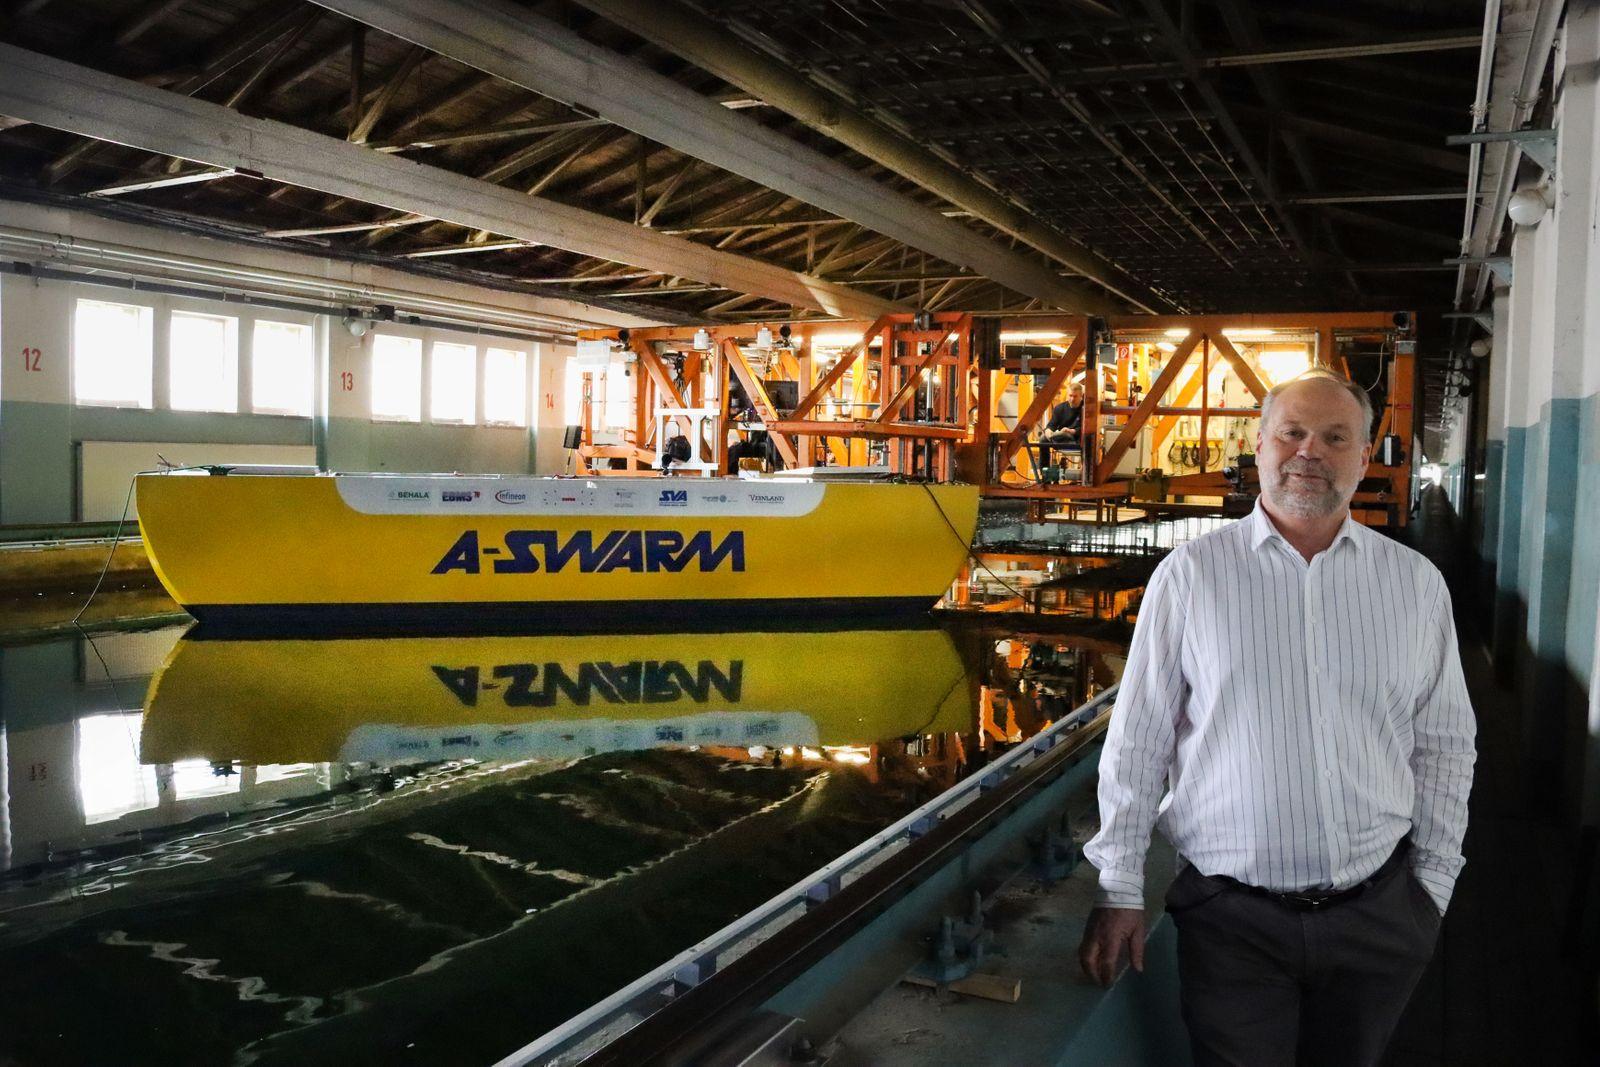 """Test des """"A-SWARM""""-Prototypen in der Schlepprinne der """"Schiffbau-Versuchsanstalt Potsdam"""" mit deren Leiter, Dr. Christian Masilge"""